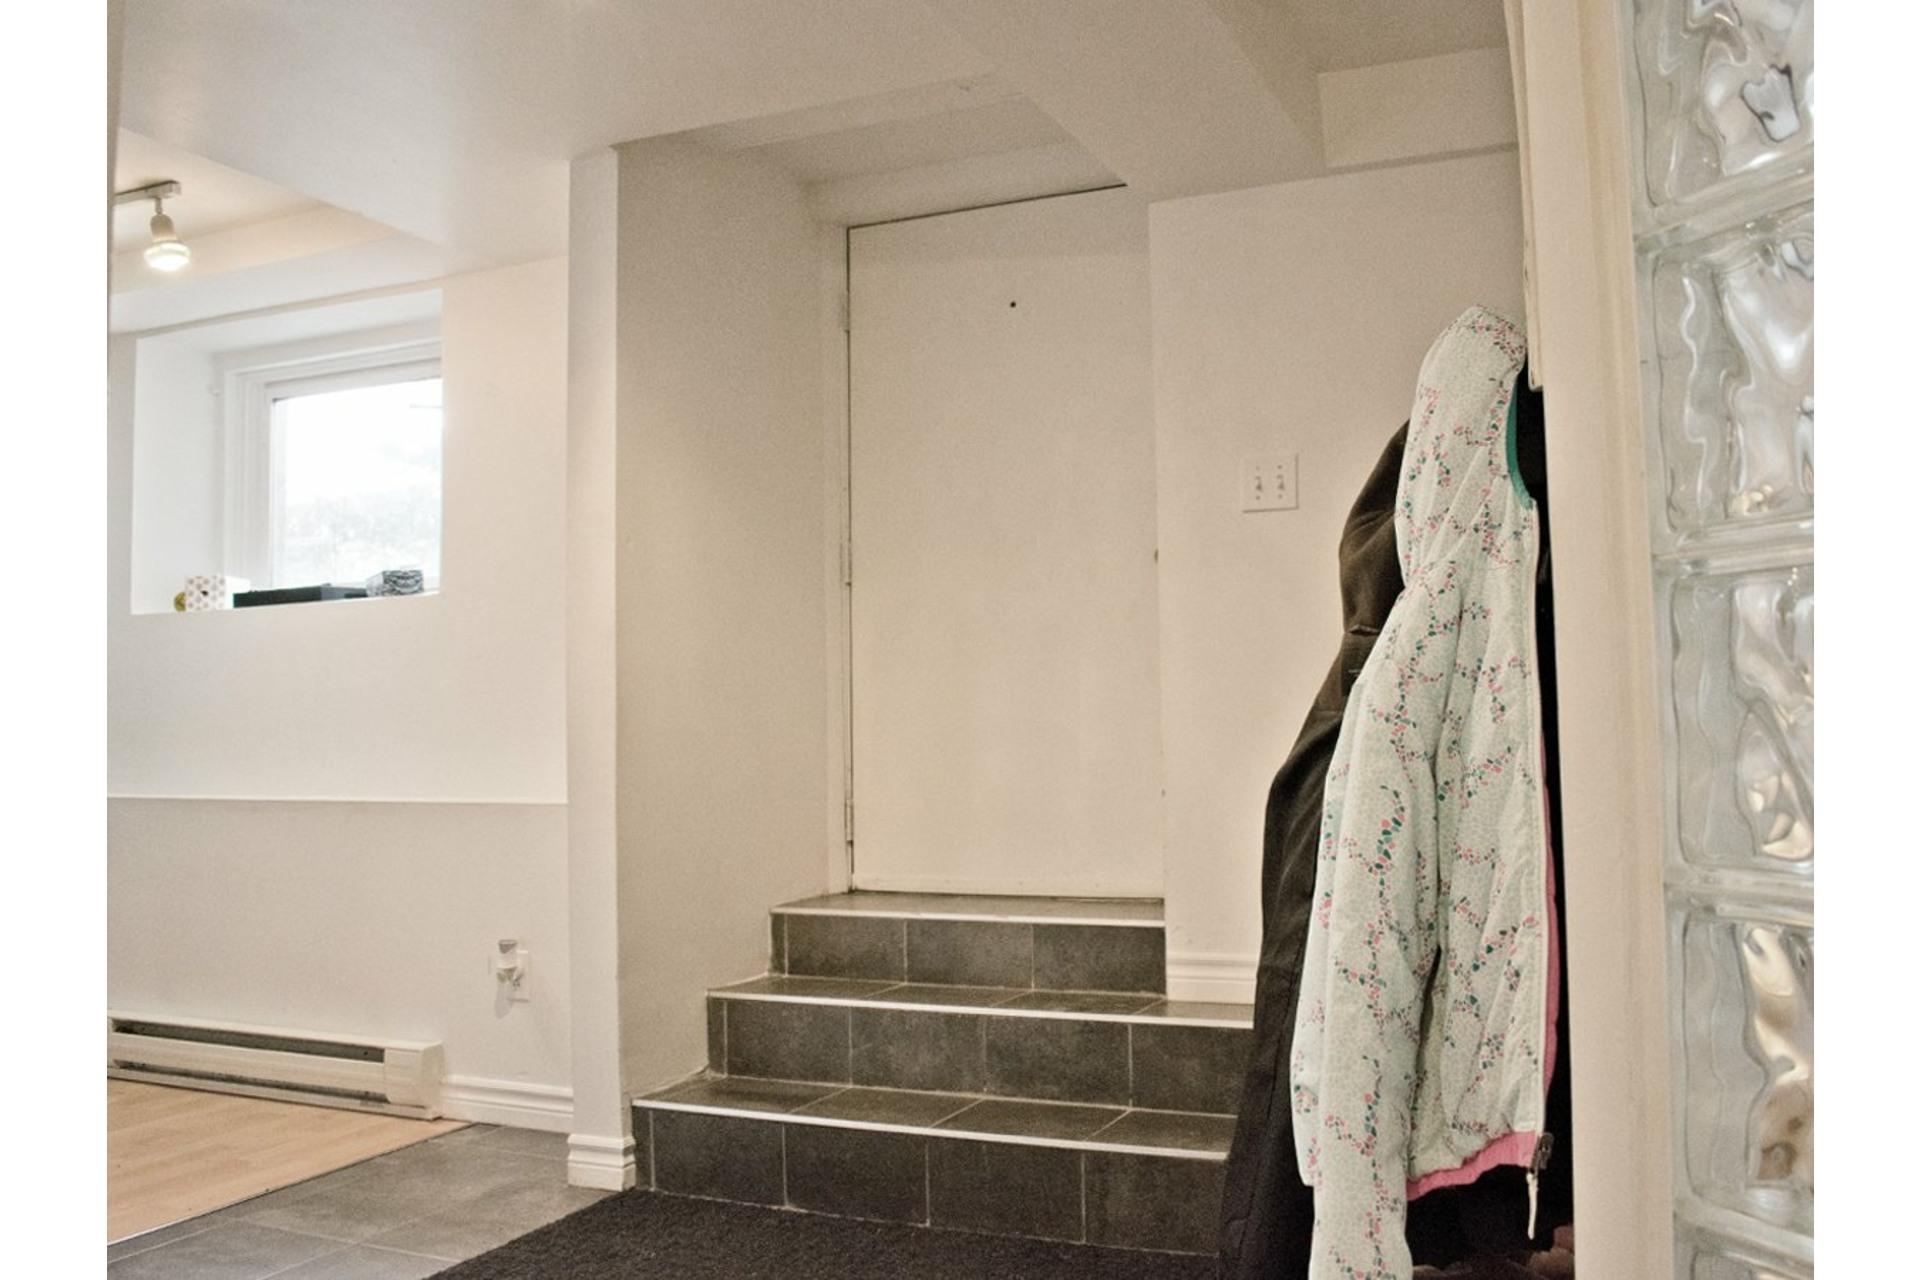 image 23 - Maison À vendre Côte-des-Neiges/Notre-Dame-de-Grâce Montréal  - 14 pièces